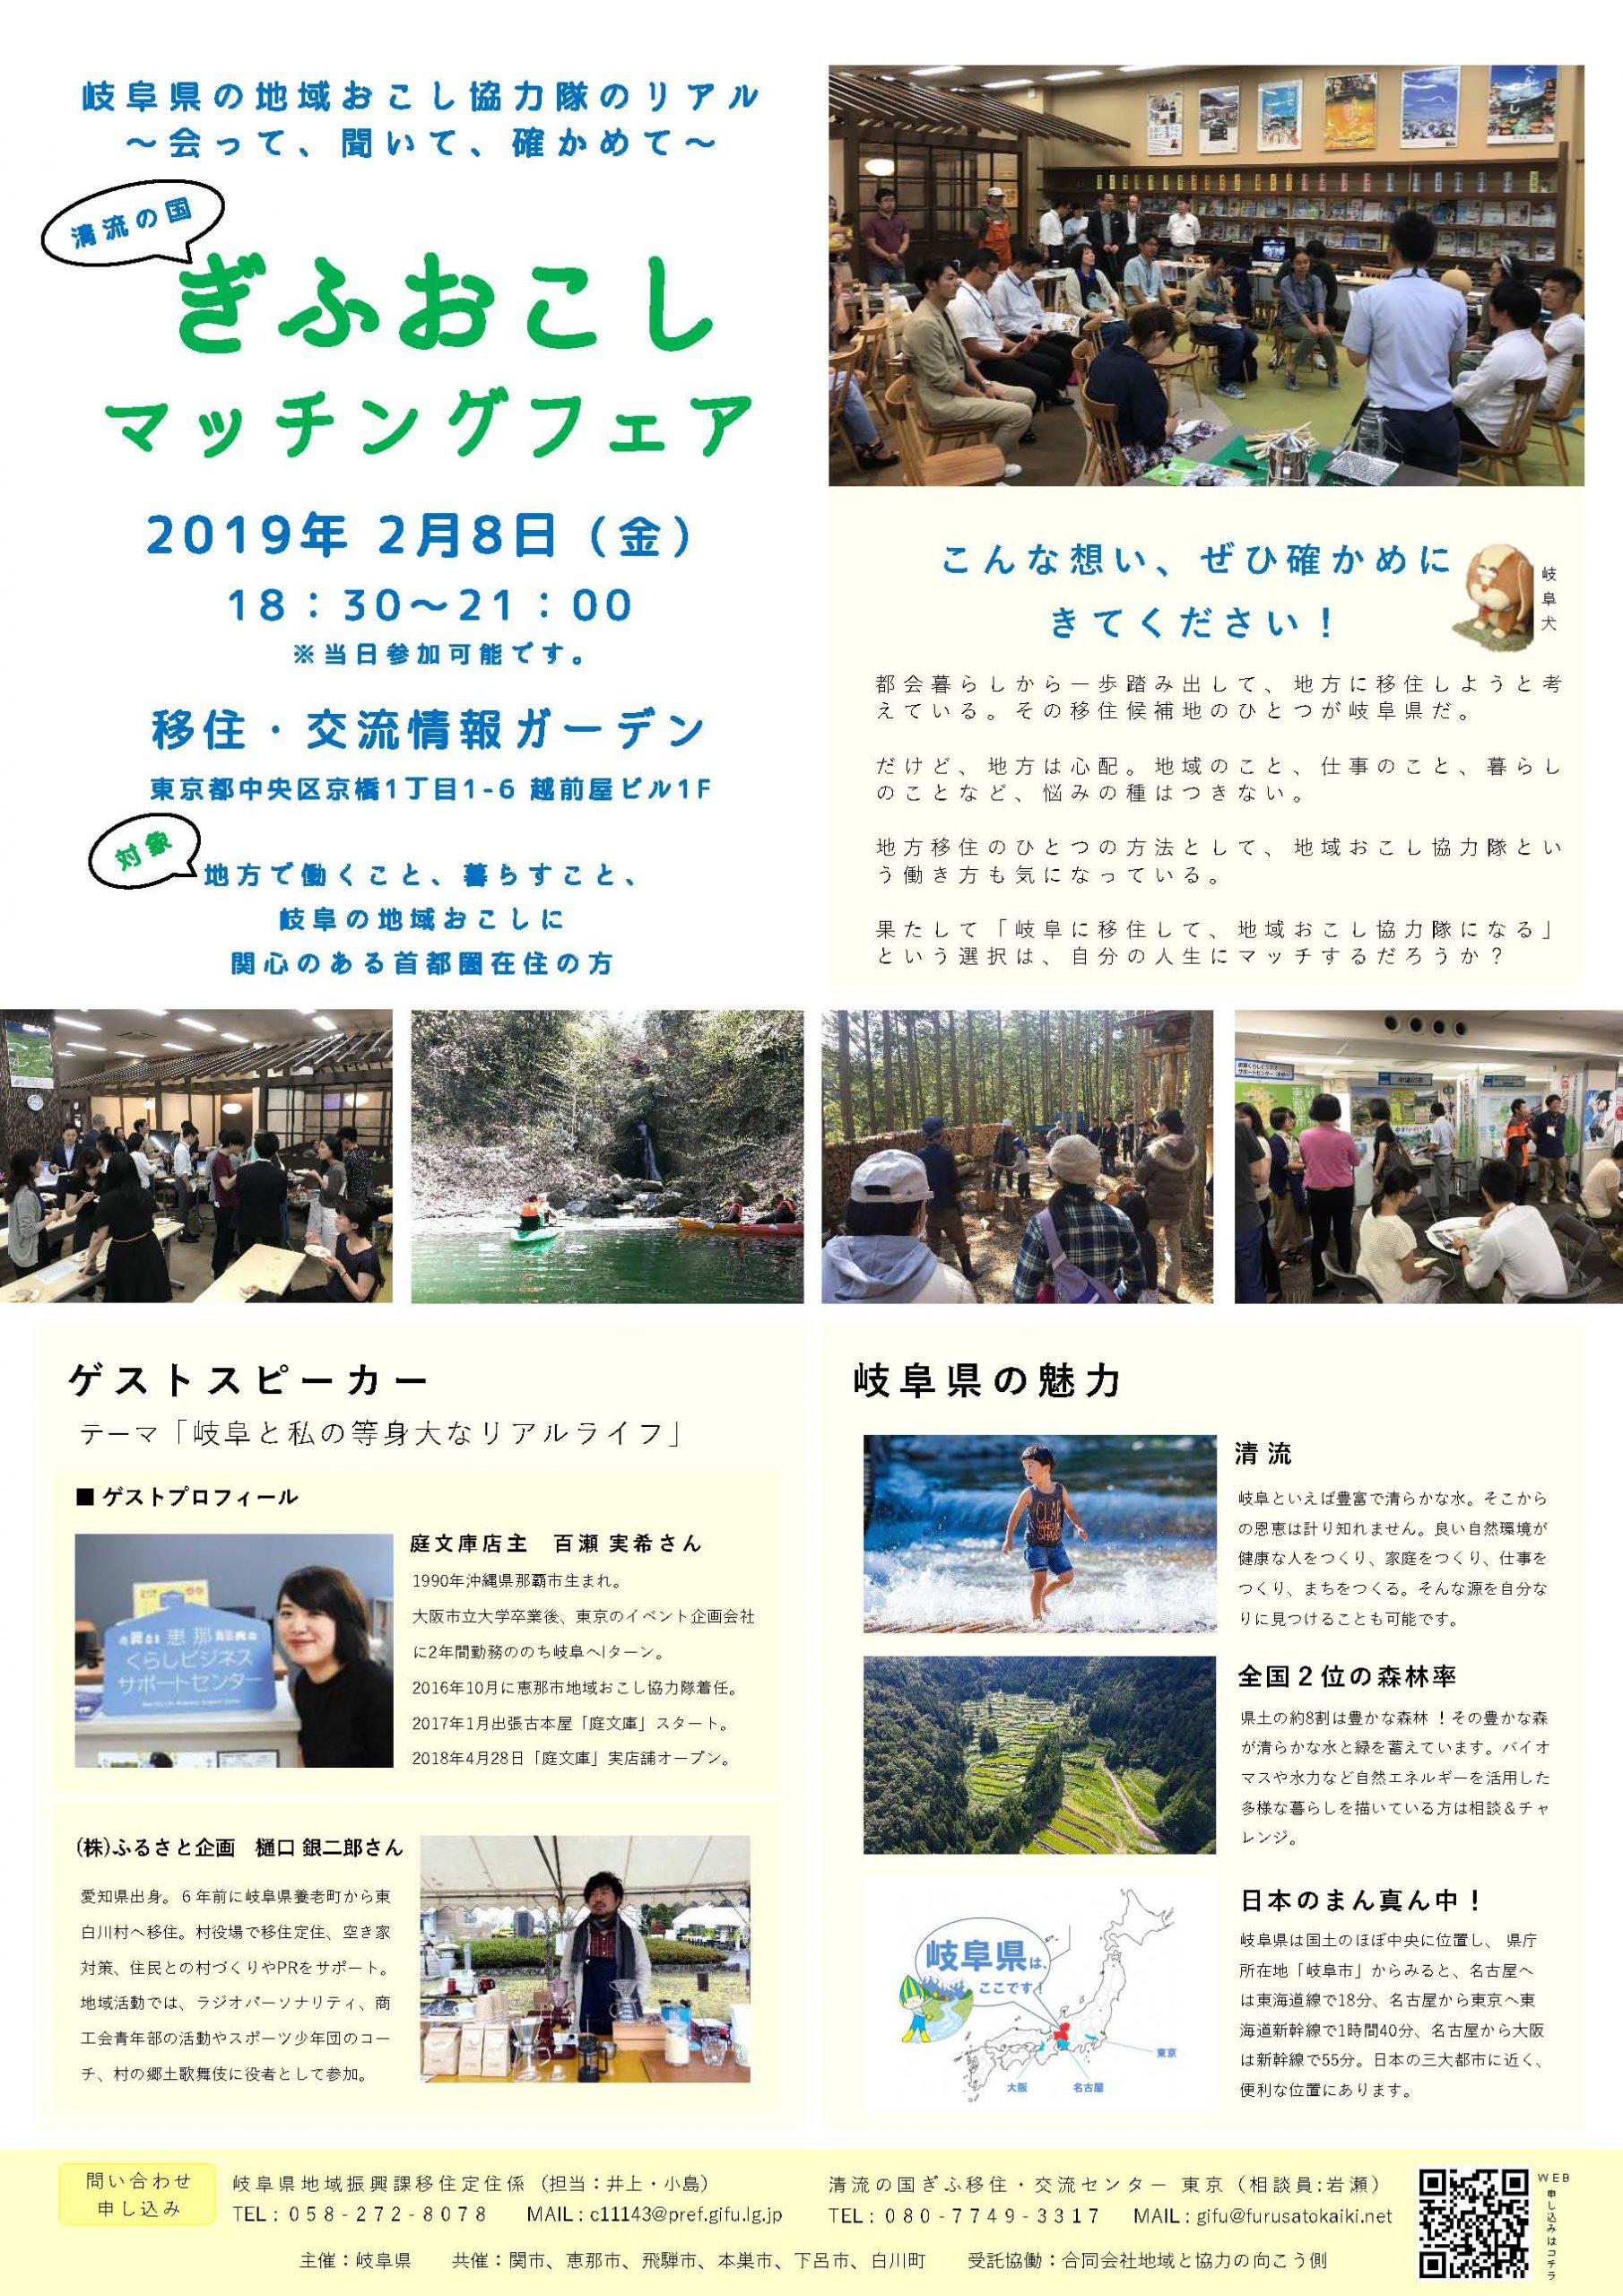 【東京】ぎふおこしマッチングフェア【飛騨市・下呂市出展】